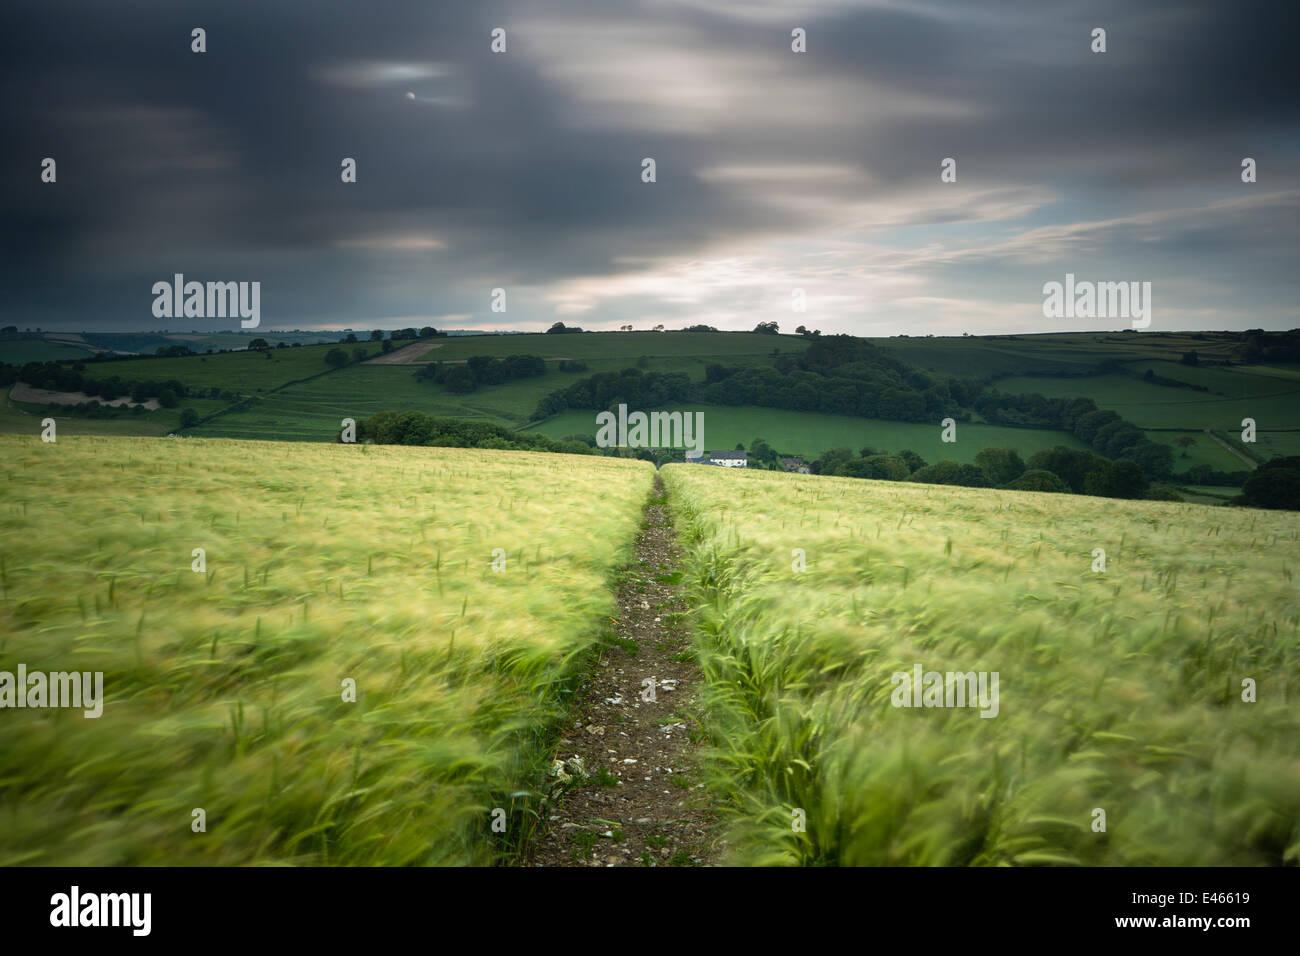 Piste / Sentier à travers un champ d'orge sous ciel d'orage, près de Plush, Dorset, UK Juin 2012 Photo Stock